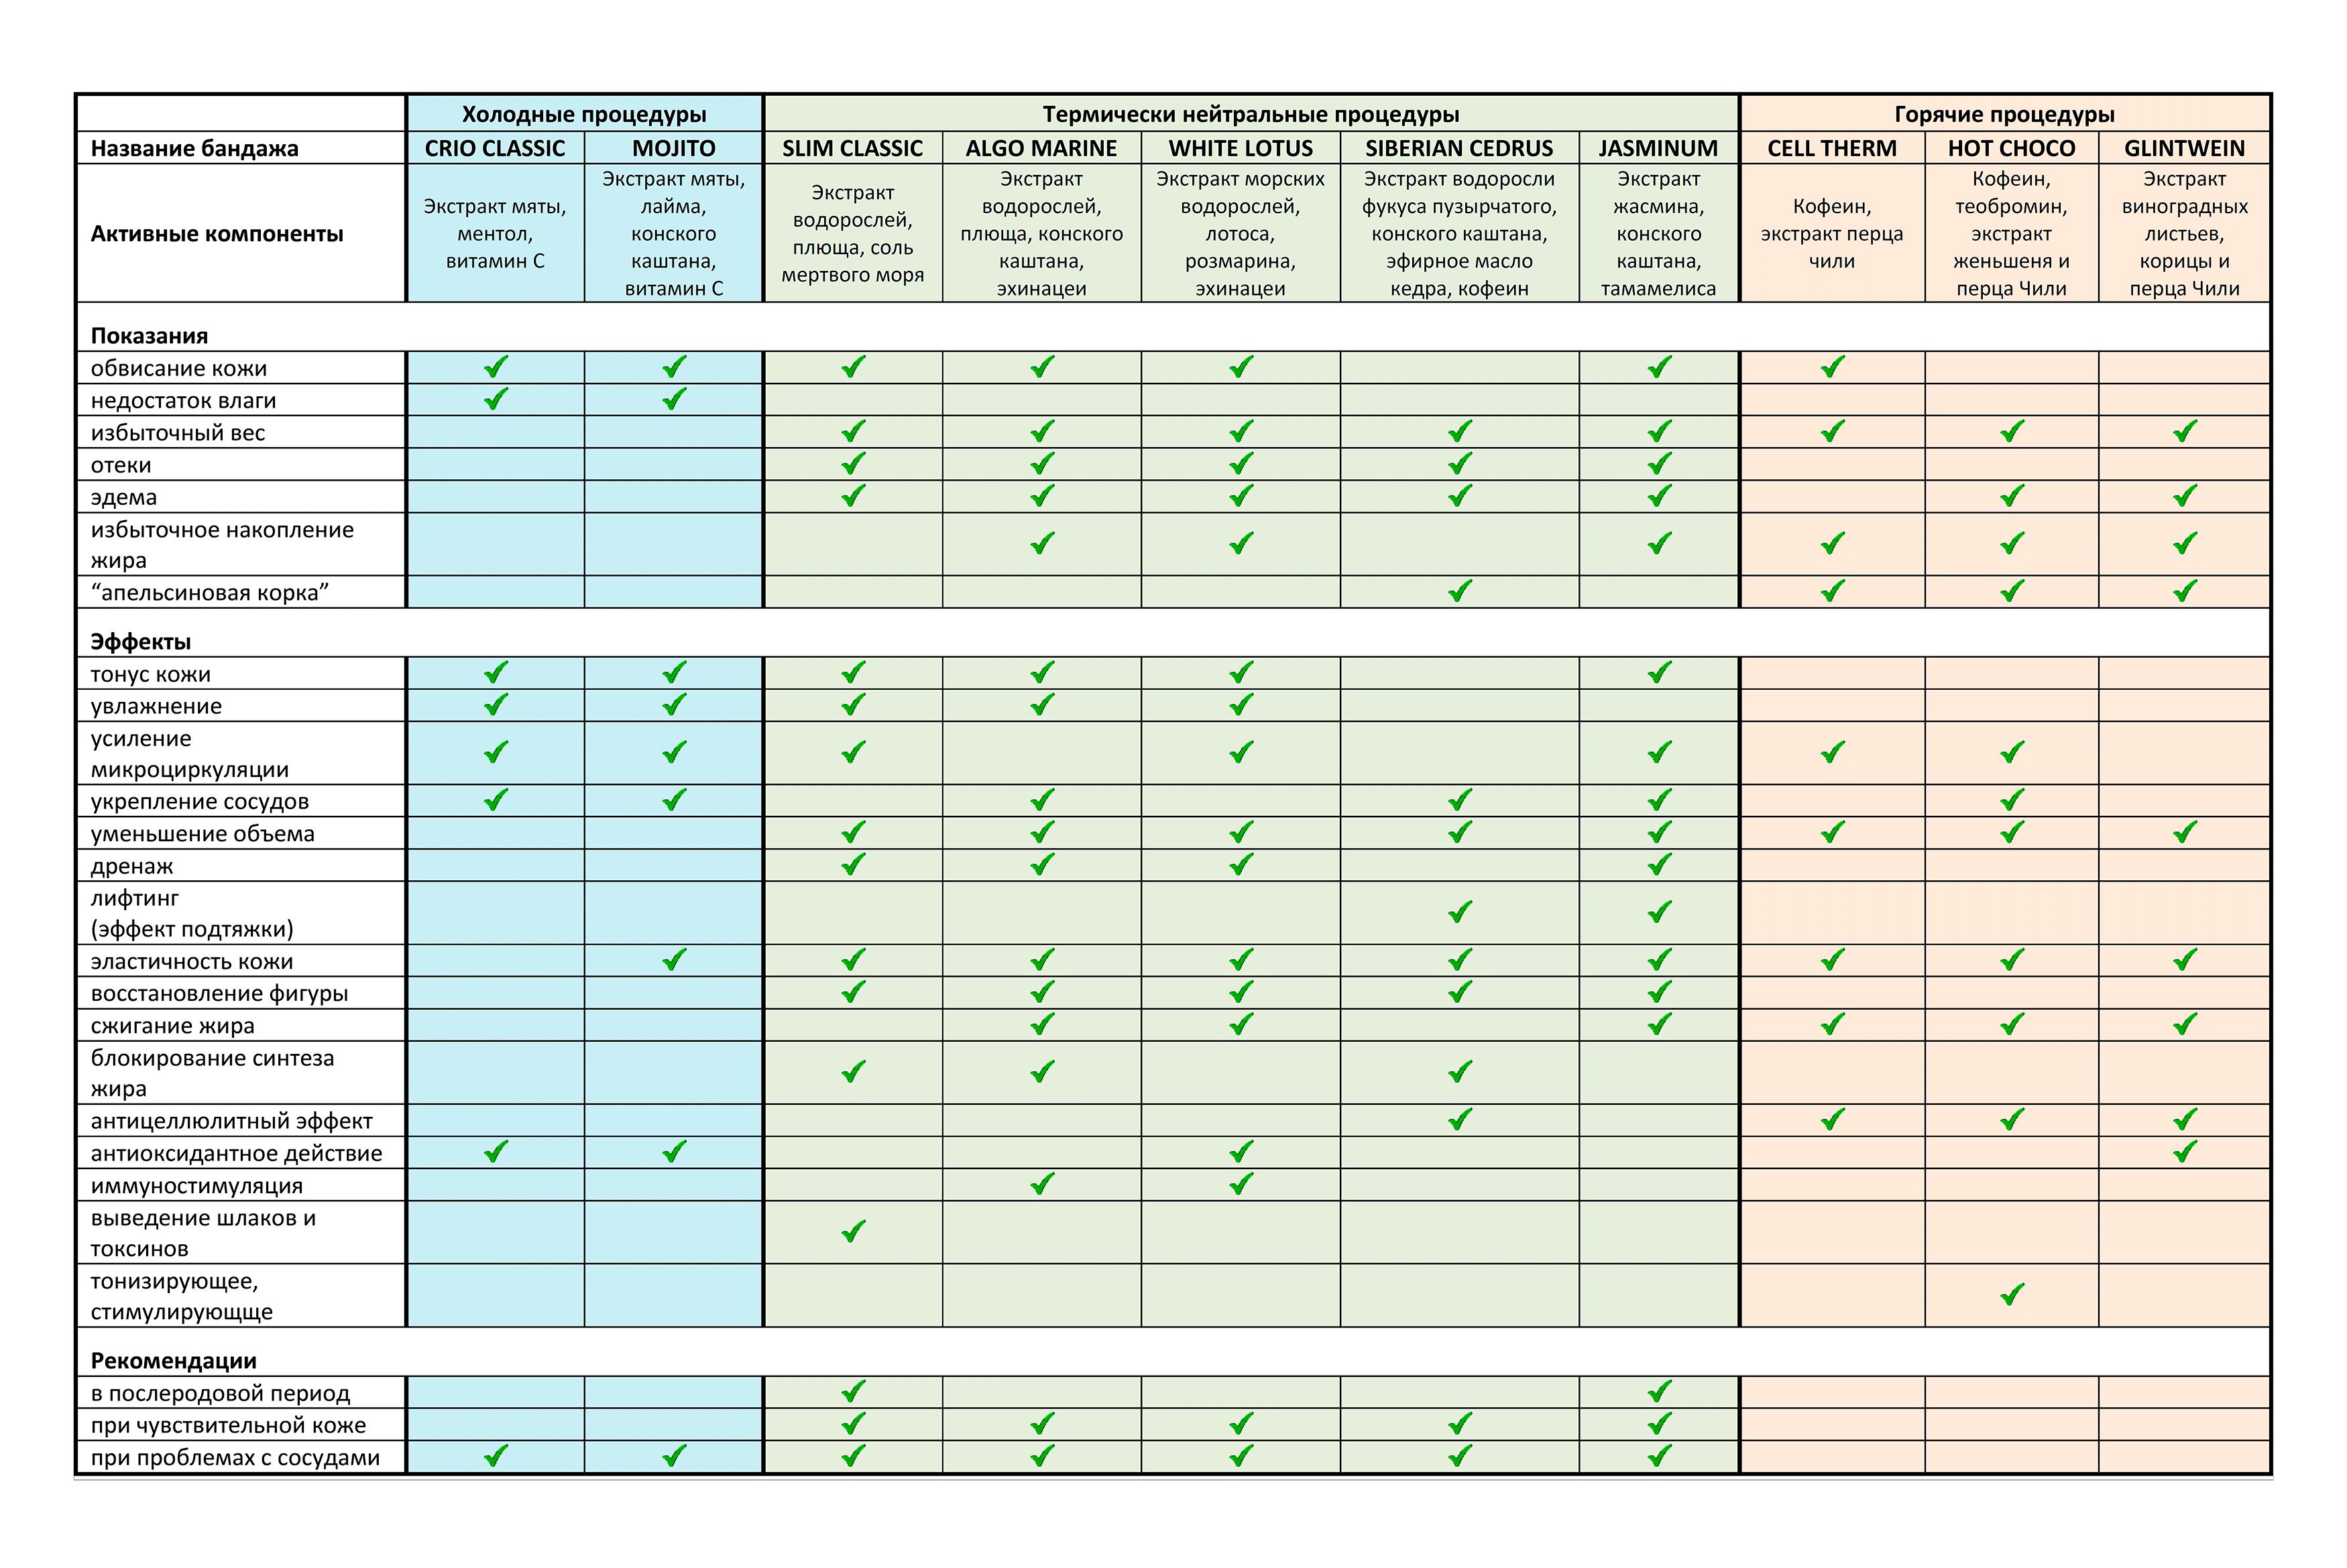 Сравнение различных видов бандажей ART de CO